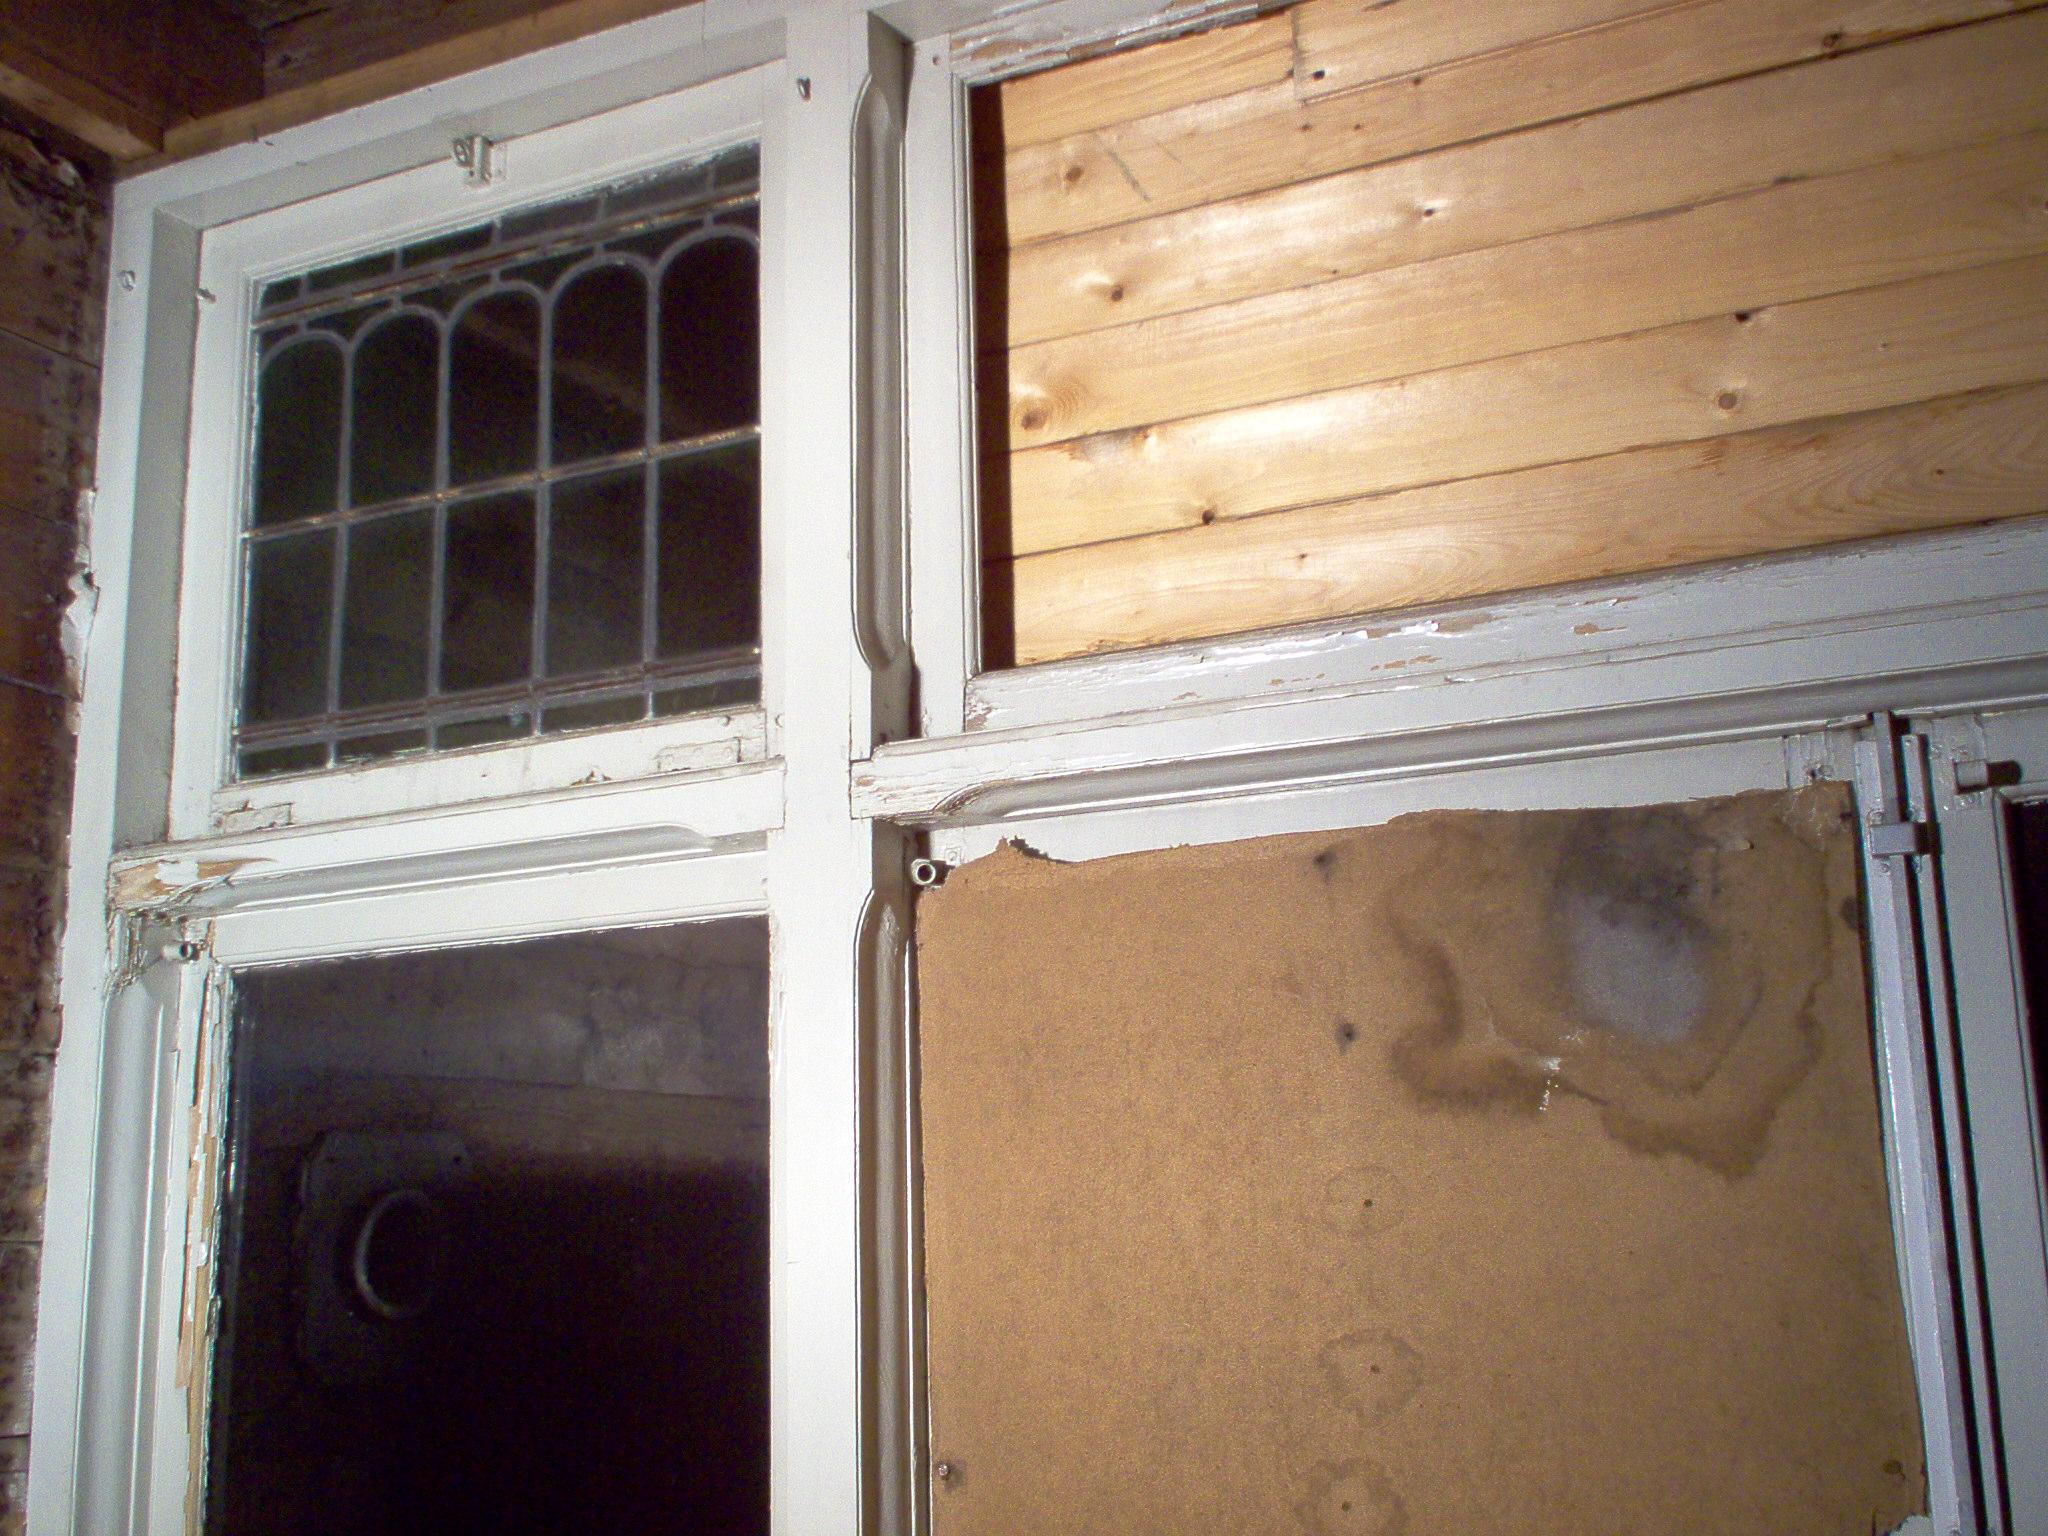 Geprofileerd dakkapelkozijn